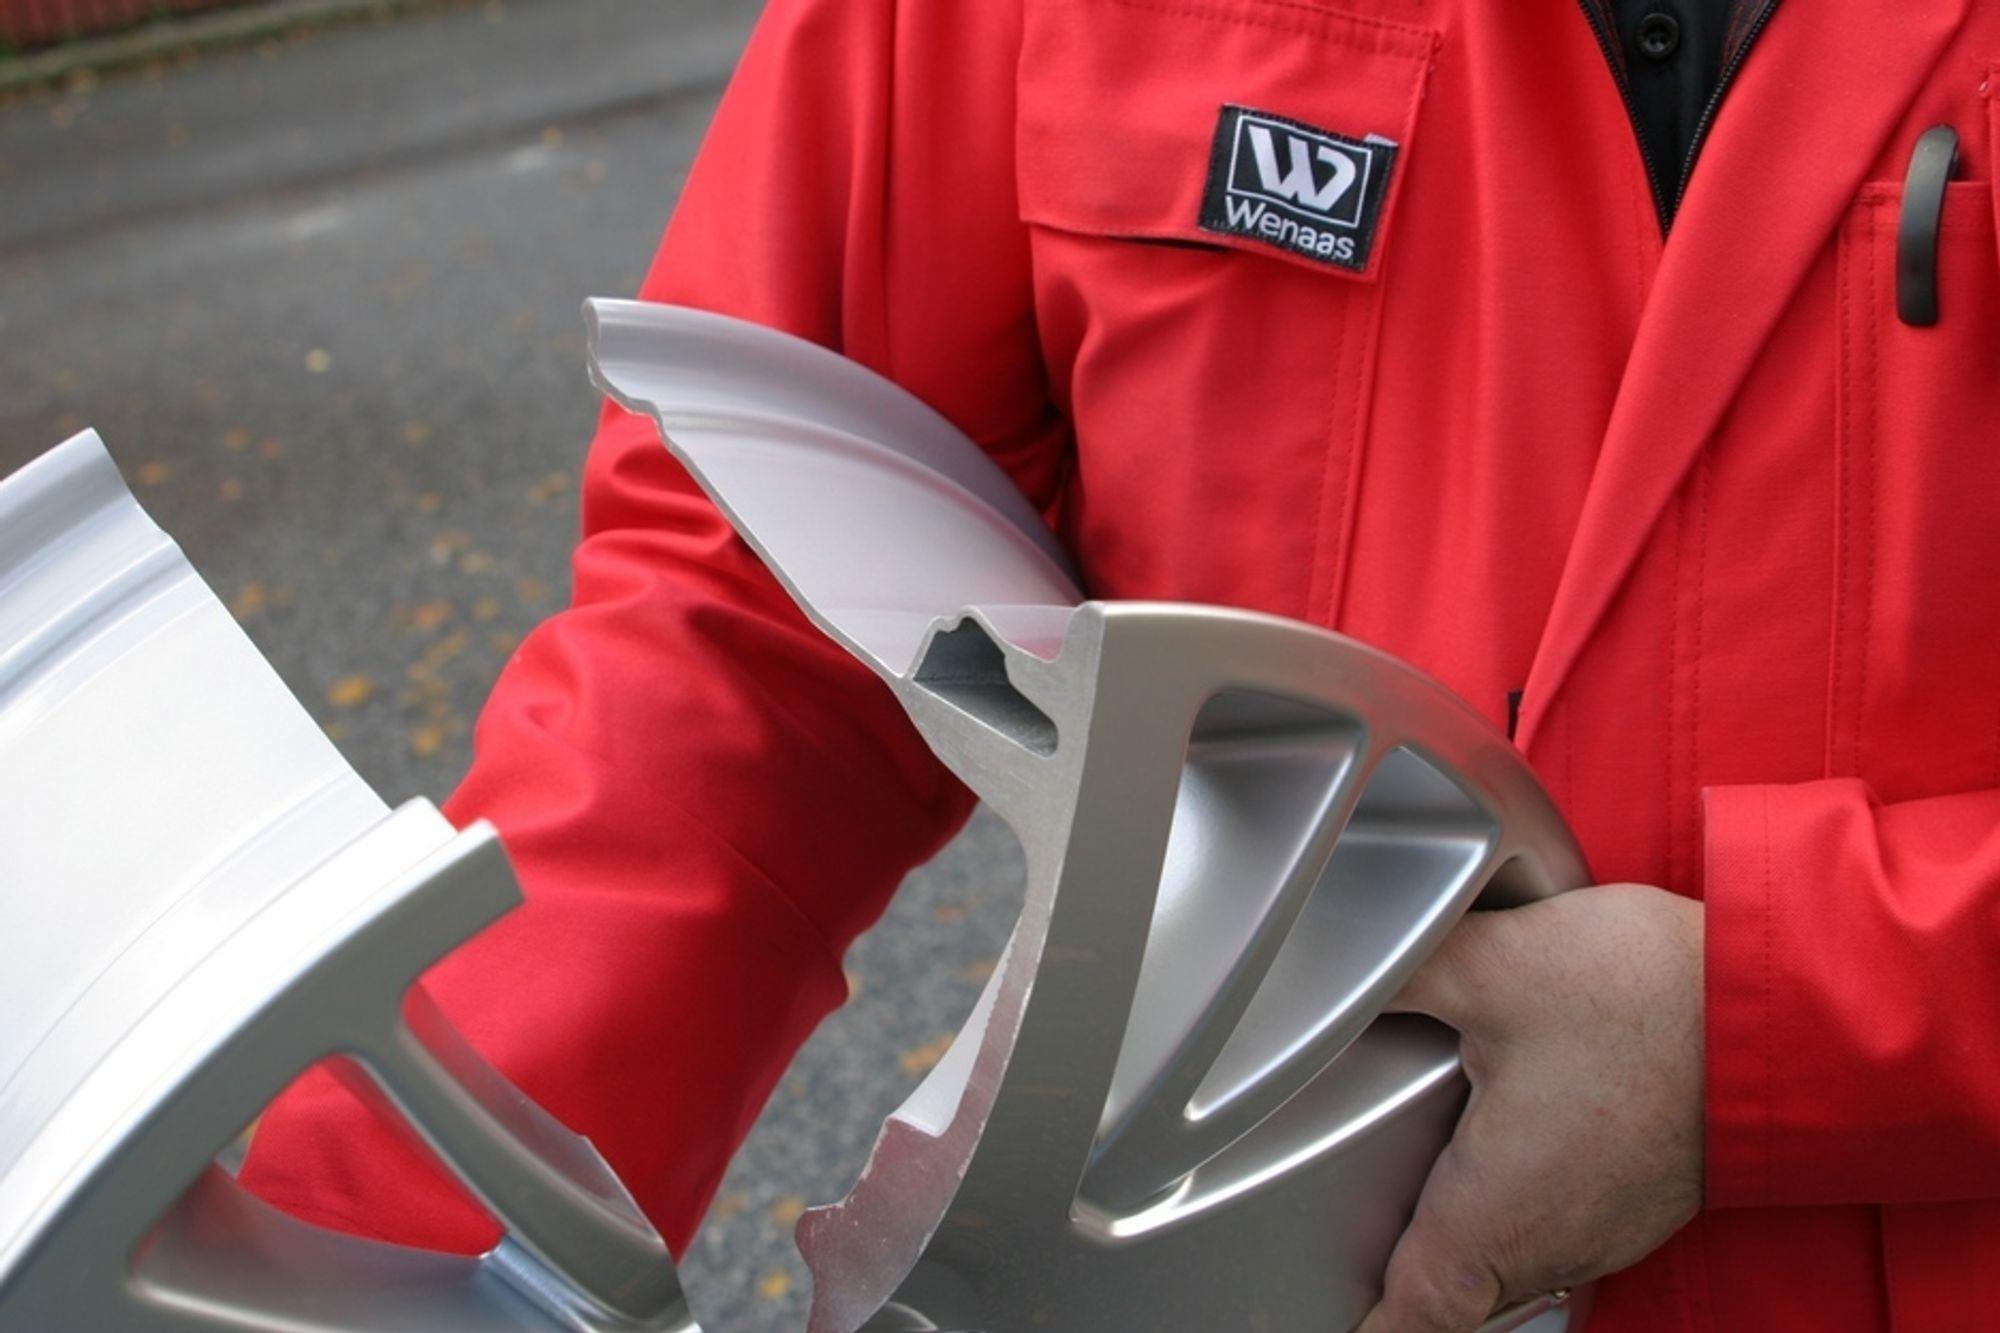 Fundo Wheels var nominert til Teknisk Ukeblads Ingeniørbragd. Nå får ikke de ansatte lønn.